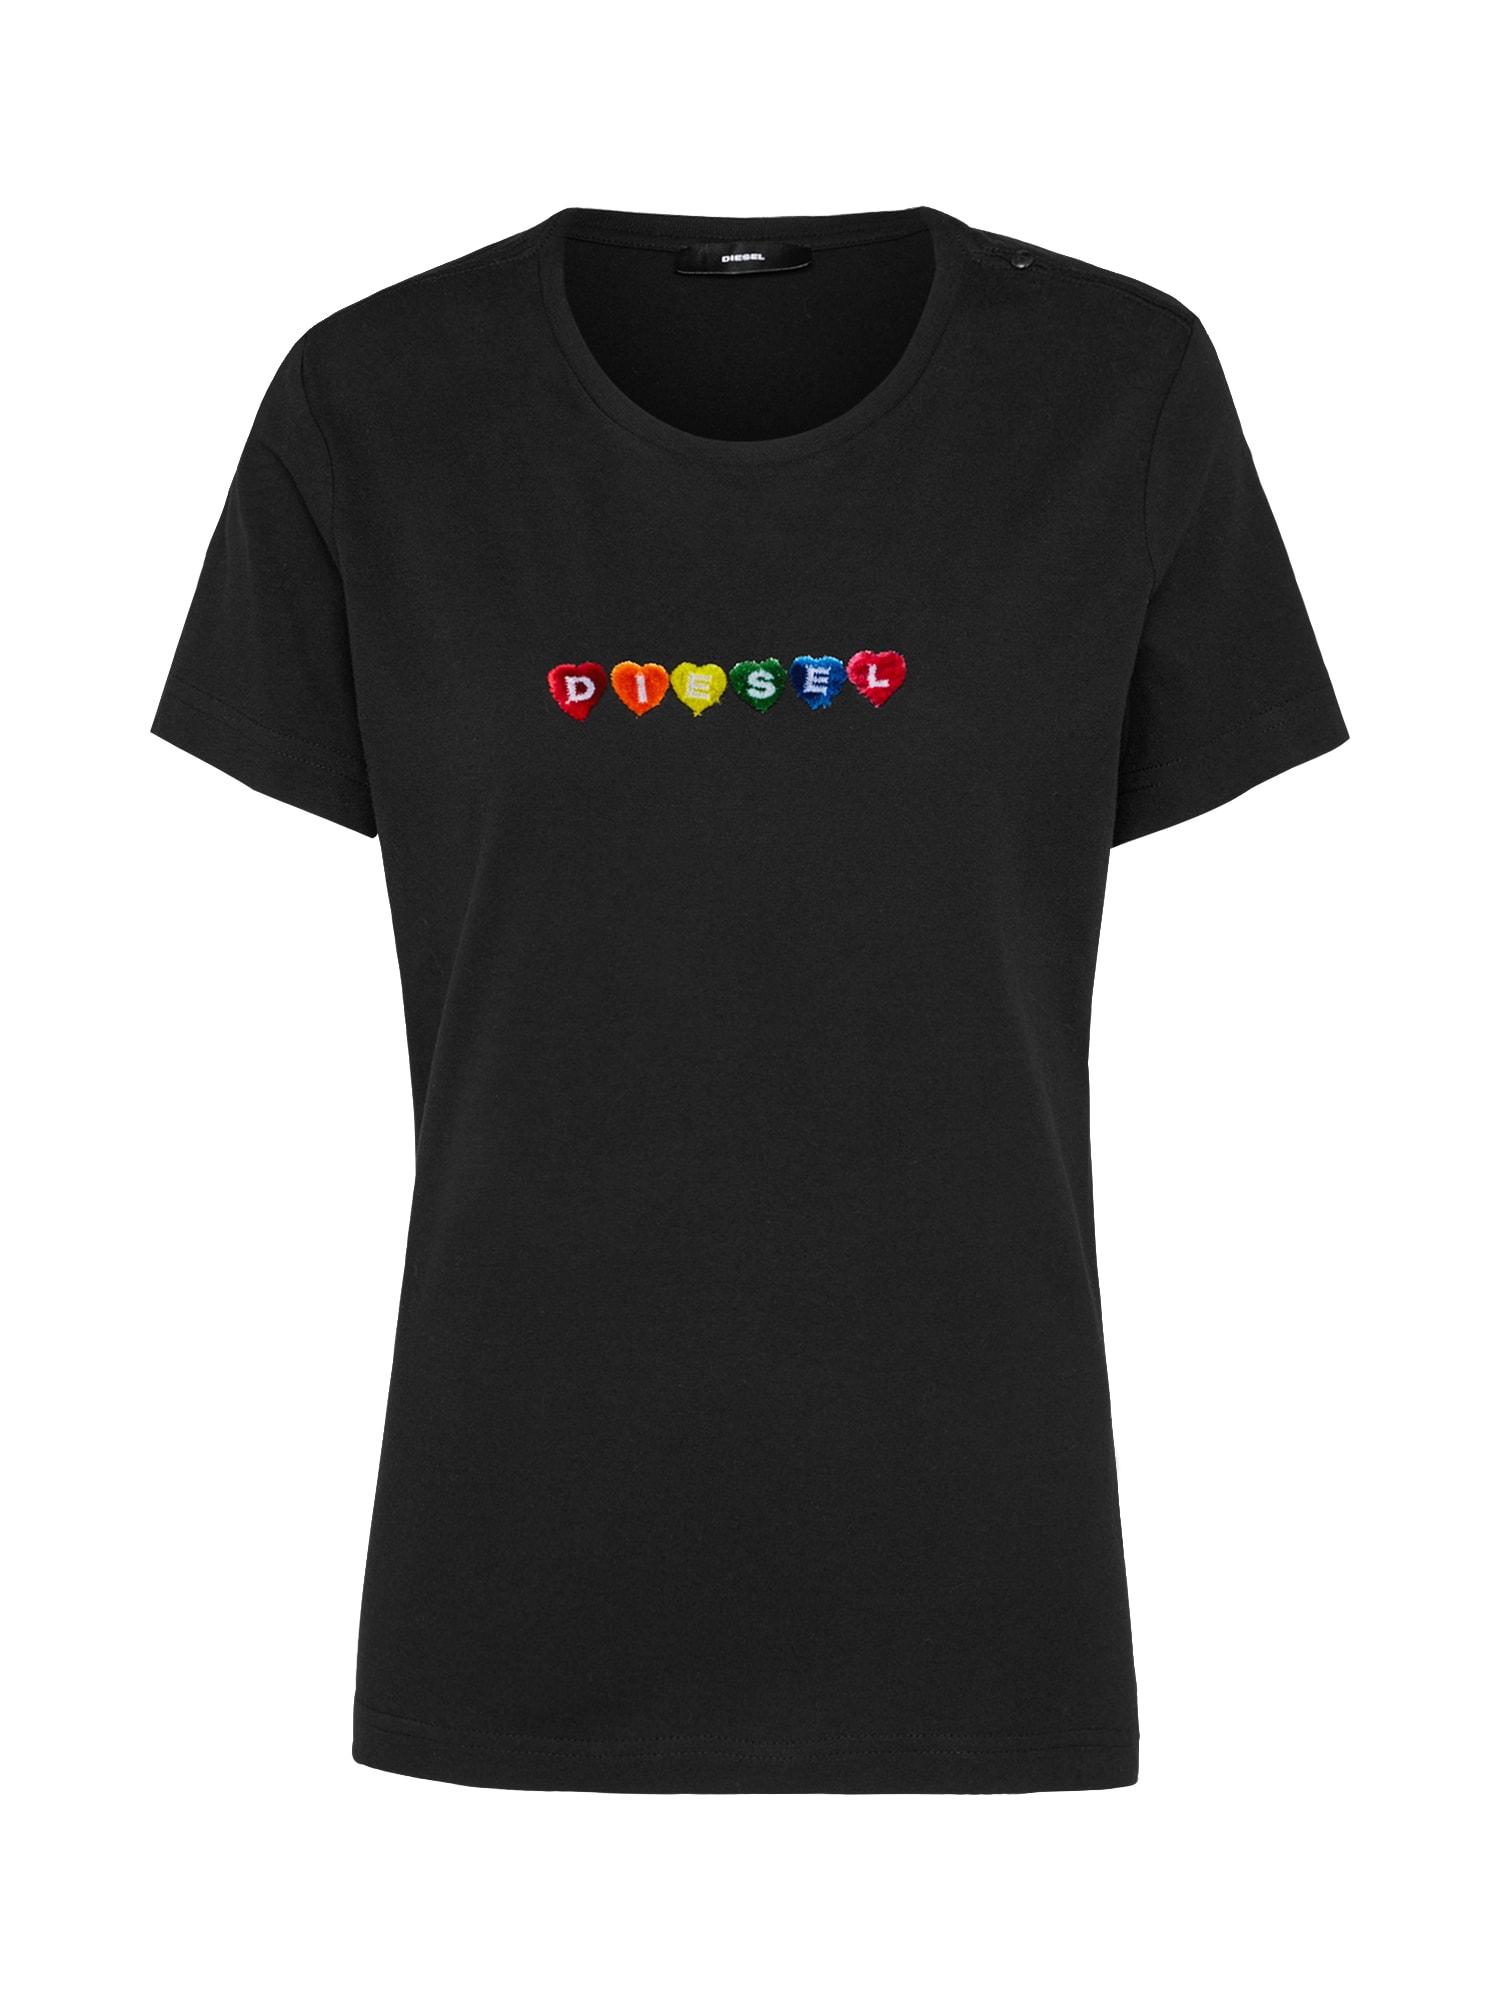 DIESEL Dames Shirt T-SILY-G zwart